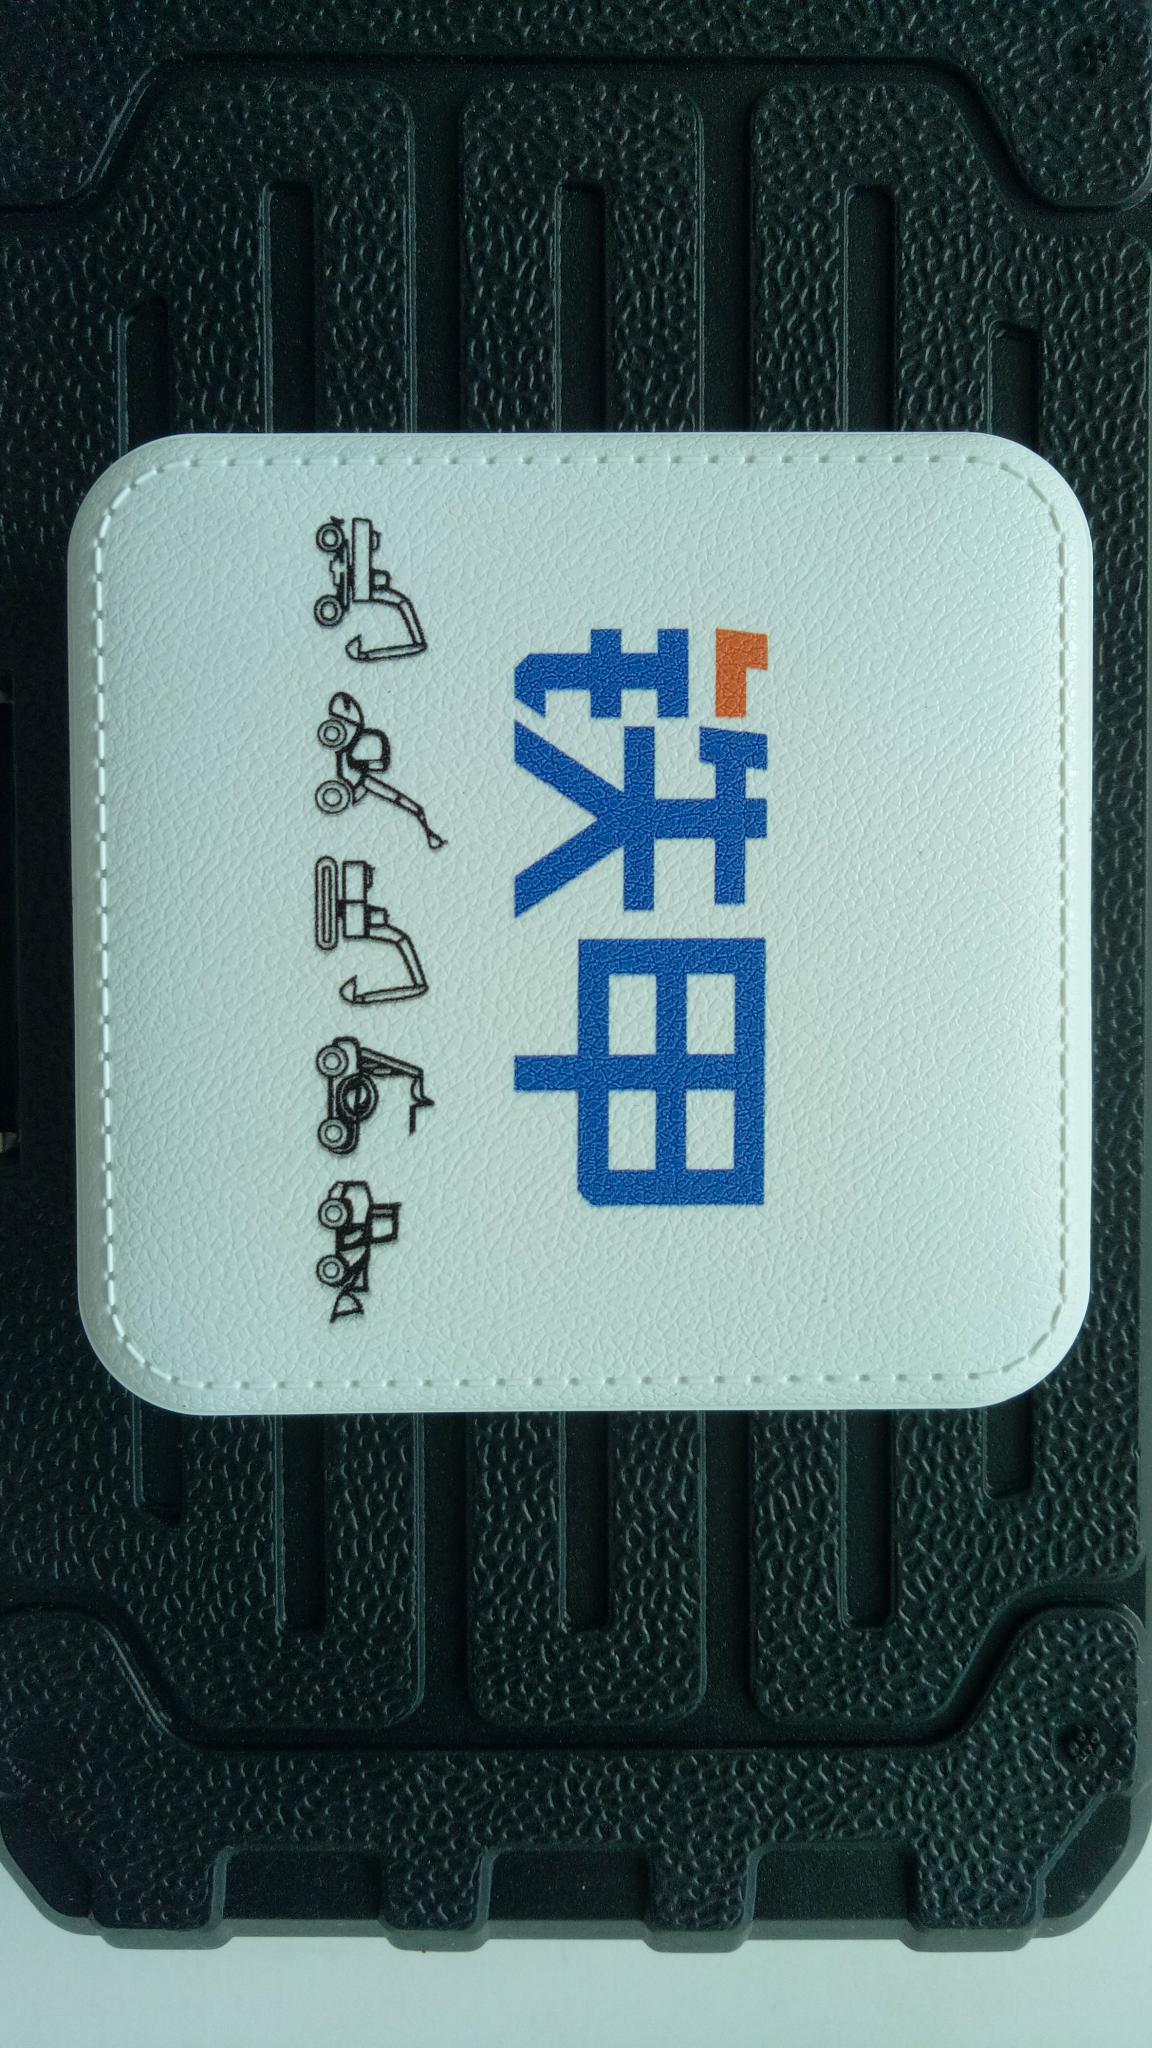 【甲友斗图赛】铁甲定制充电宝,使用方便